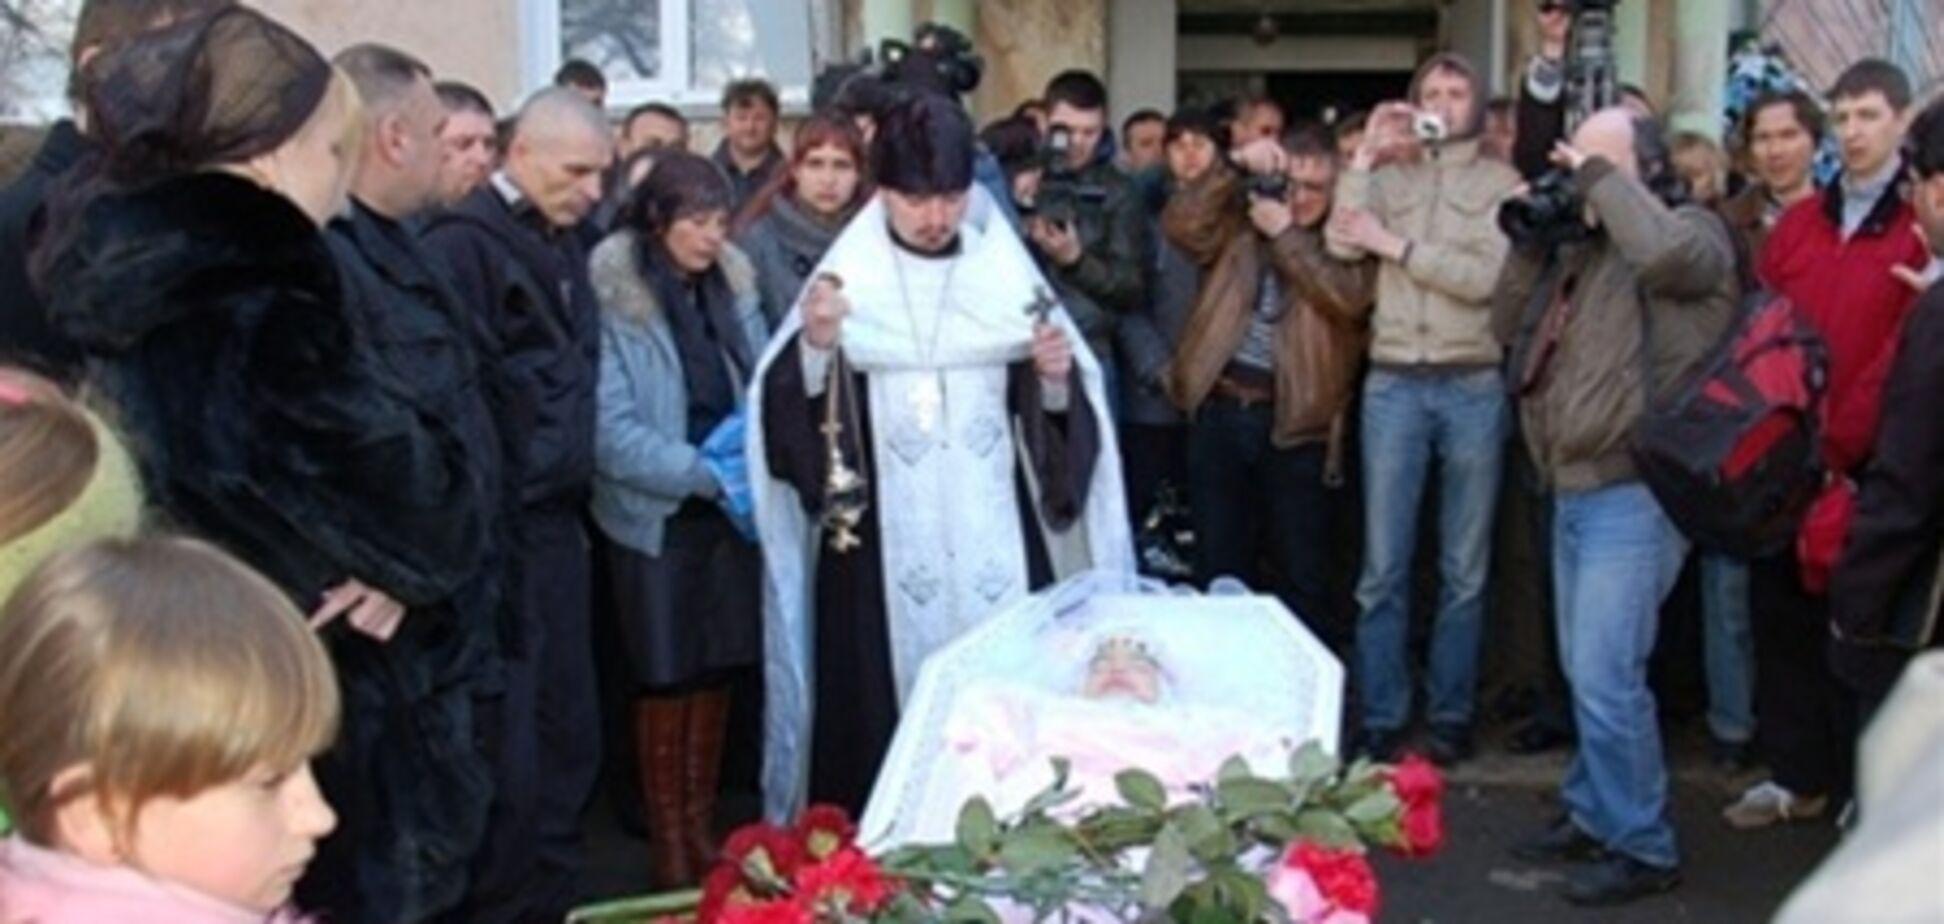 Жители села Луч возмущены, что Макар похоронили рядом с героями ВОВ